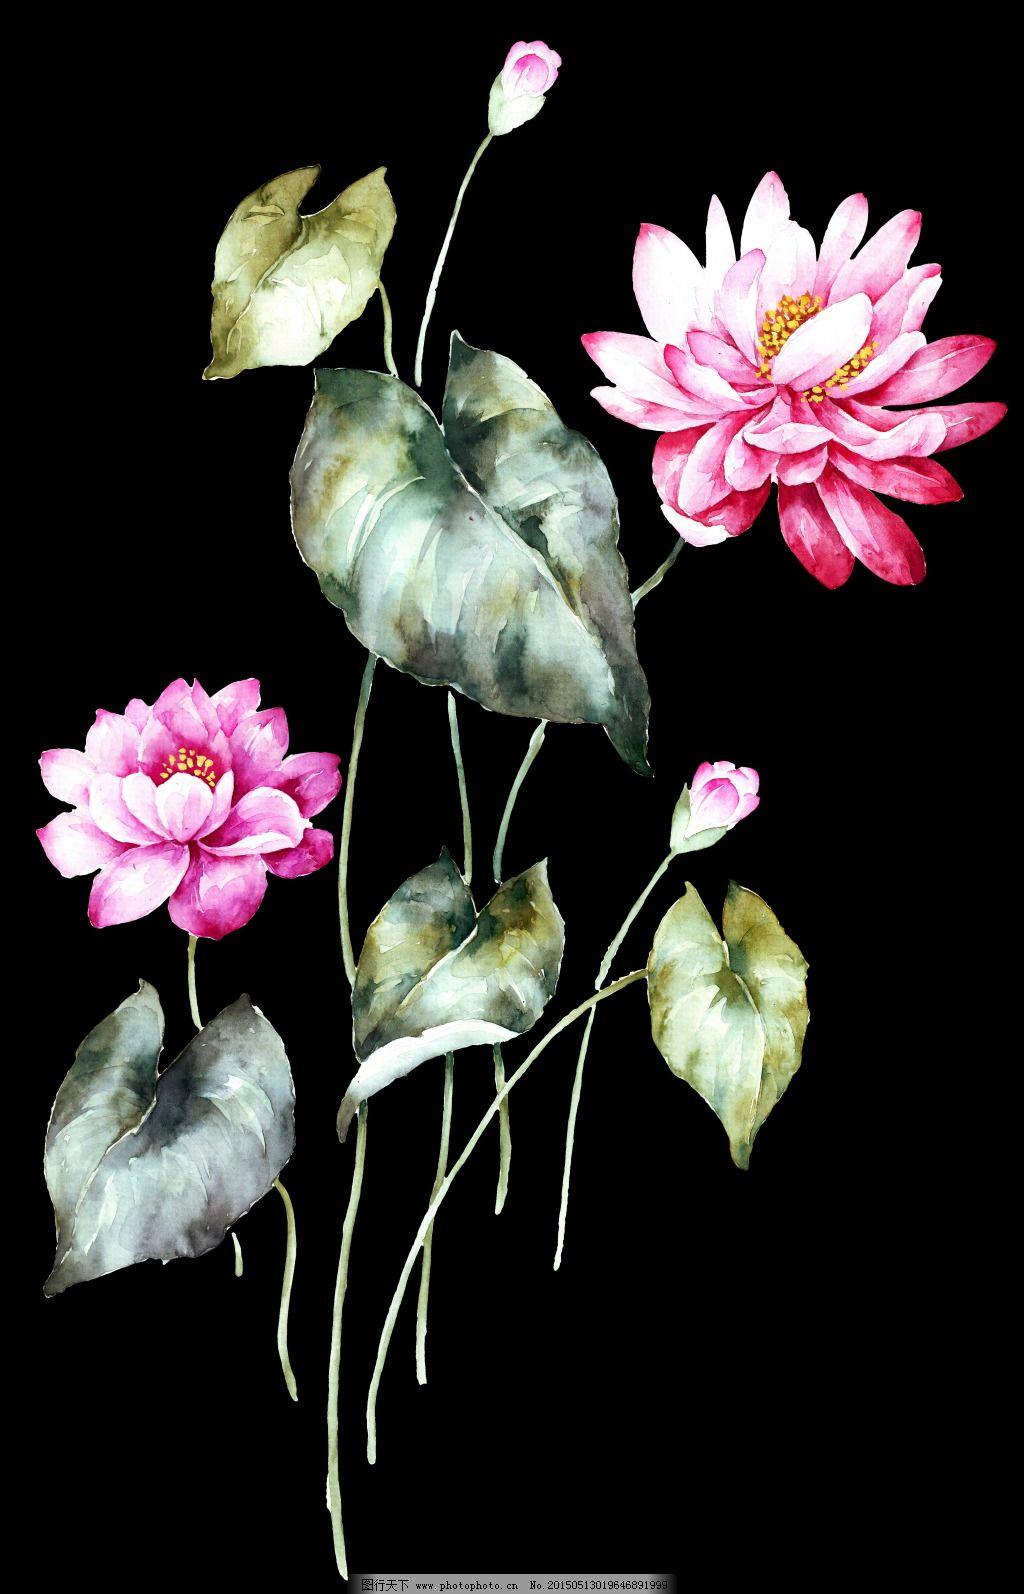 手绘荷花高清素材免费下载 黑底 手绘花 睡莲 手绘花 荷花组花 黑底